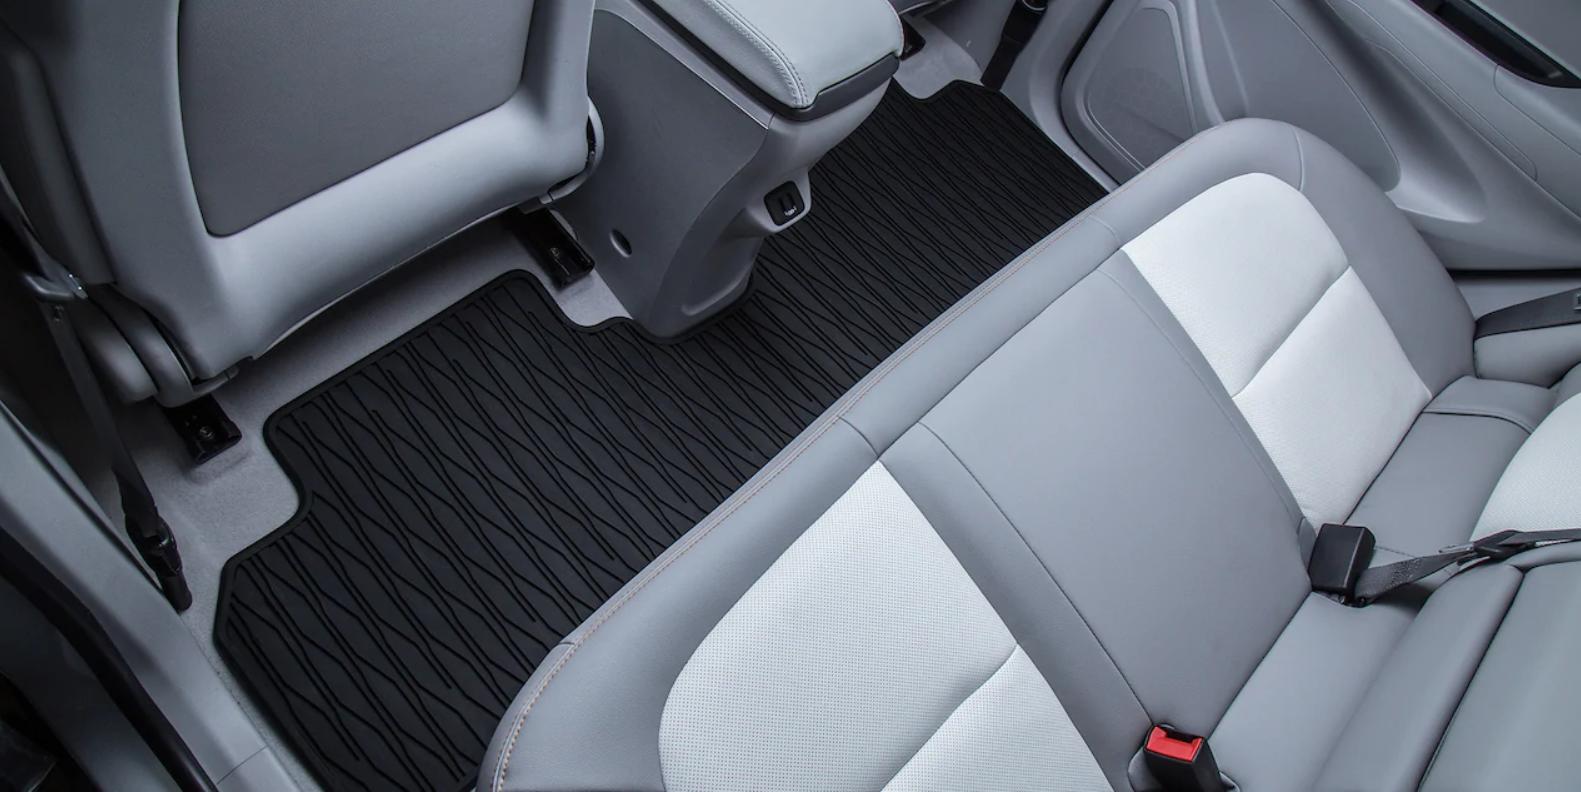 Chevrolet Bolt EV 2019 interior